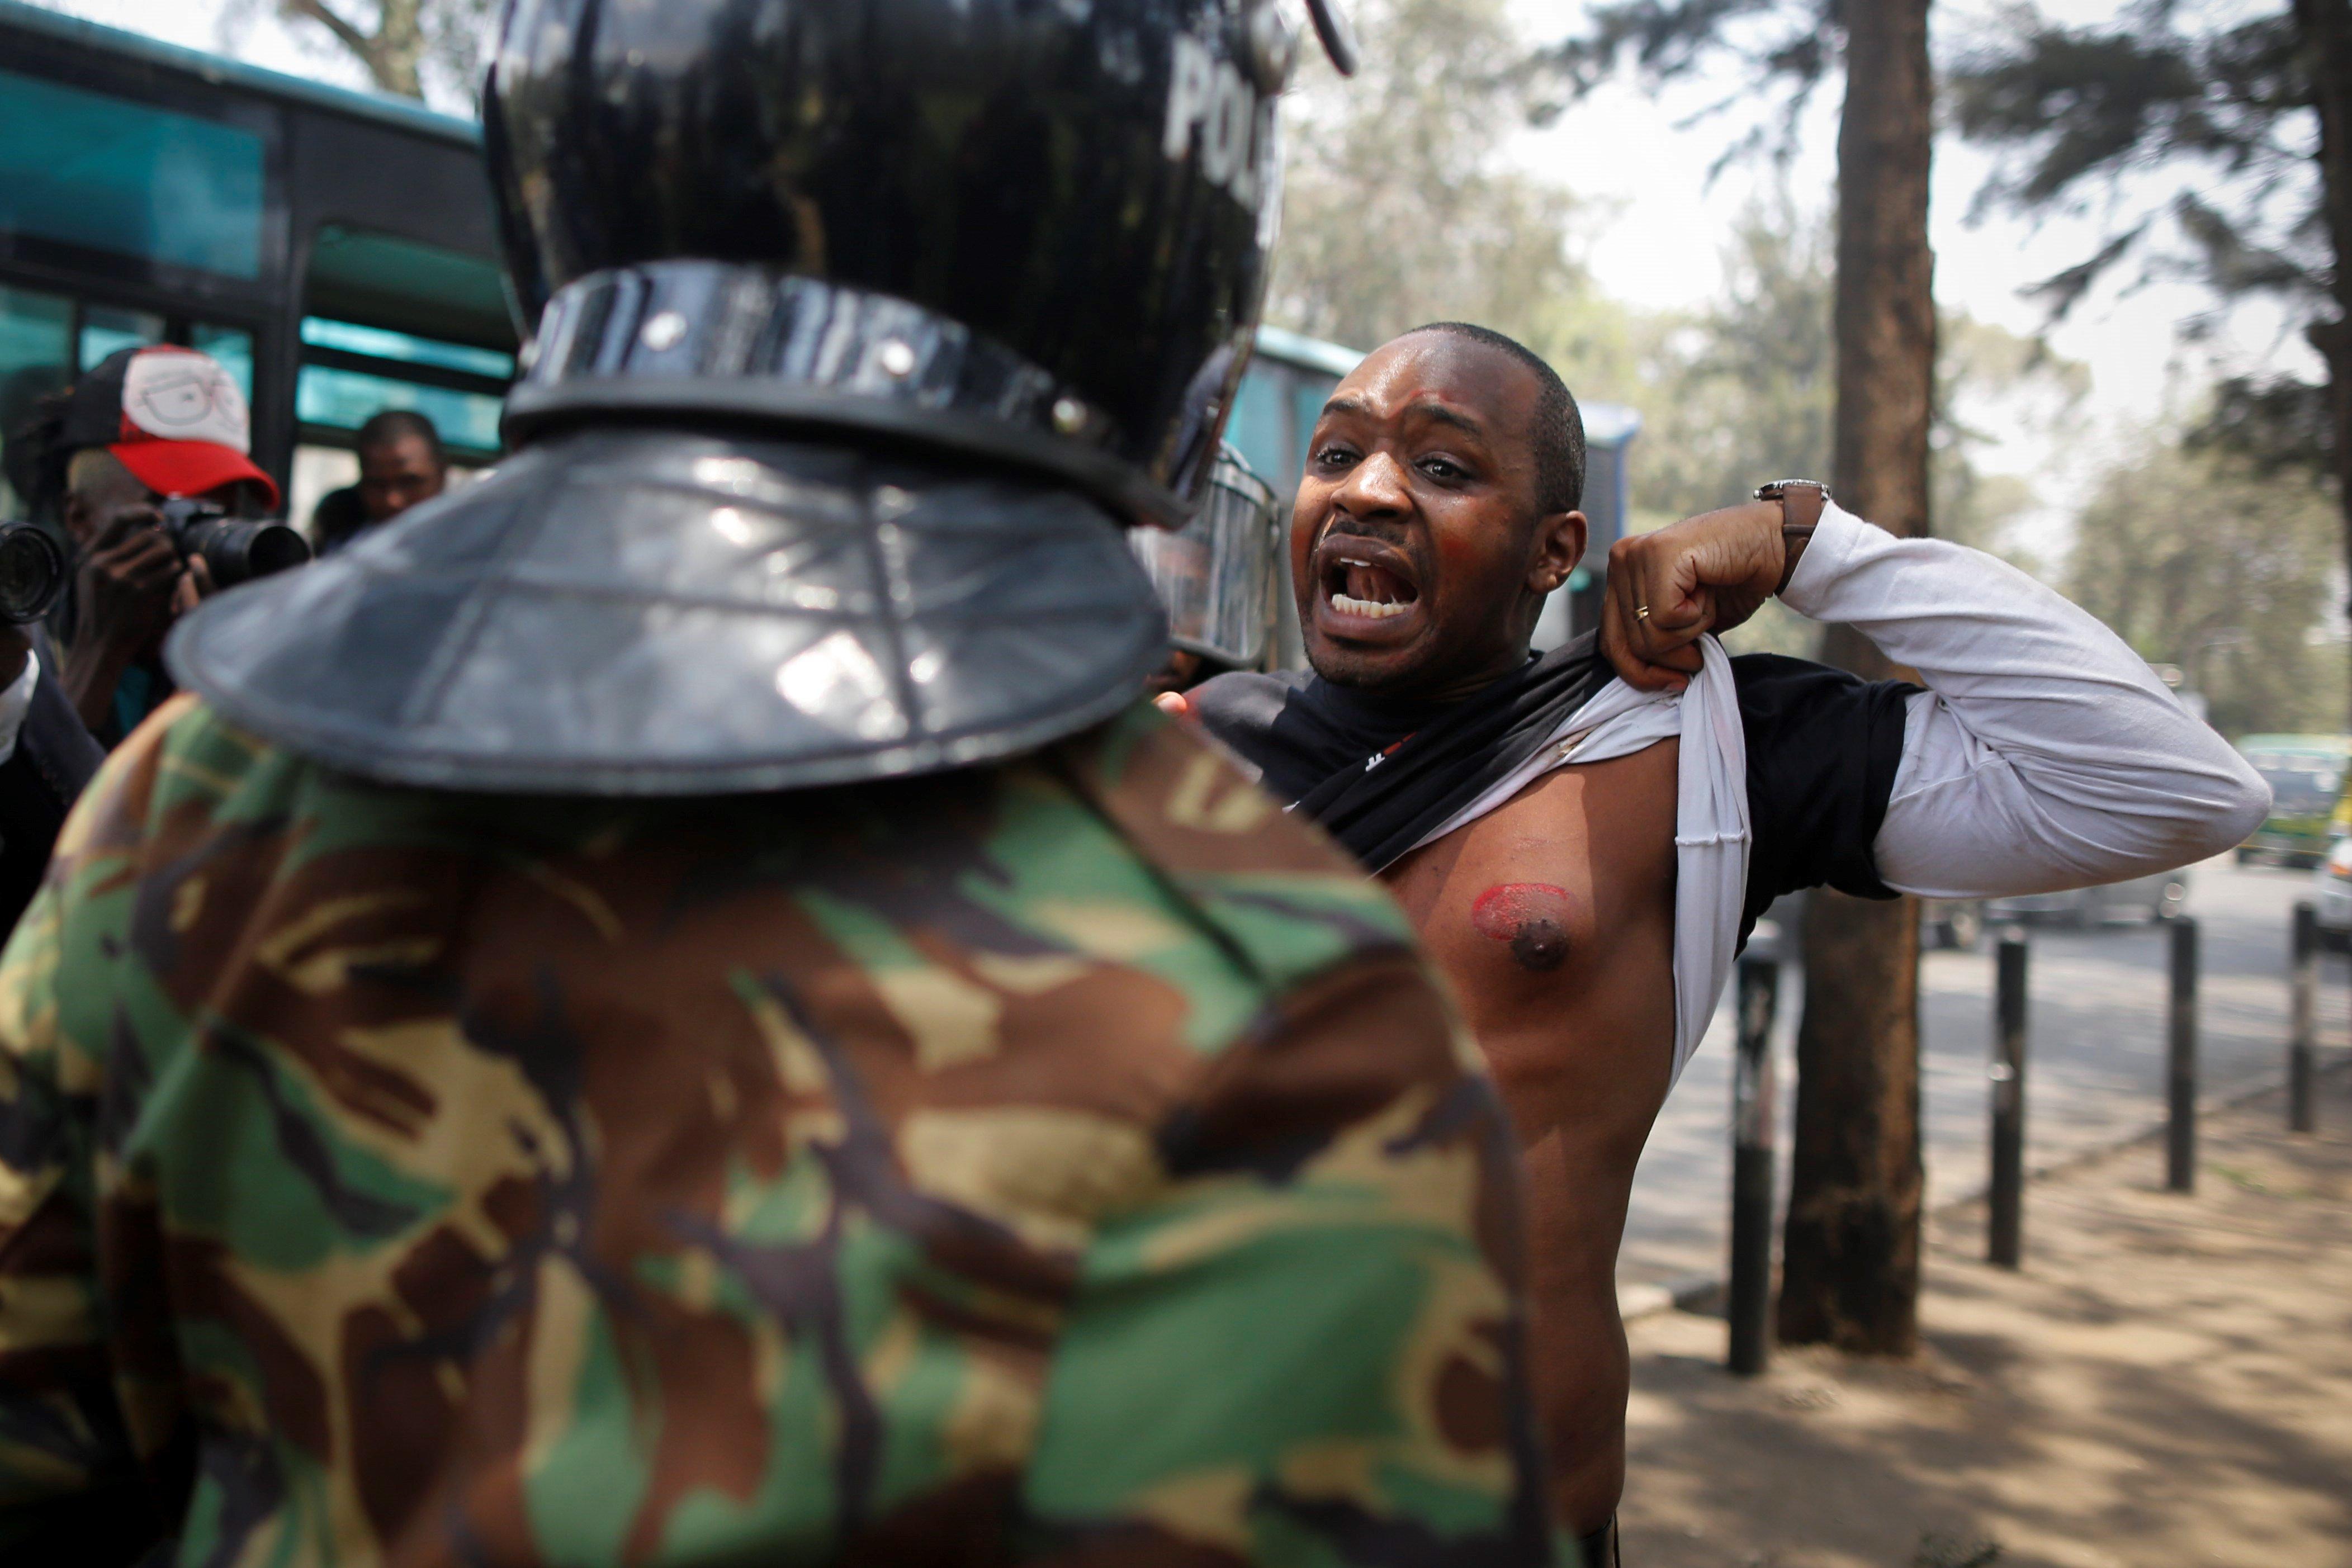 L'activista kenyà Boniface Mwangi mostra la ferida per l'impacte d'un pot de gas lacrimogen durant una manifestació contra els casos recents de brutalitat policial a Nairobi (Kenya). /DAI KUROKAWA